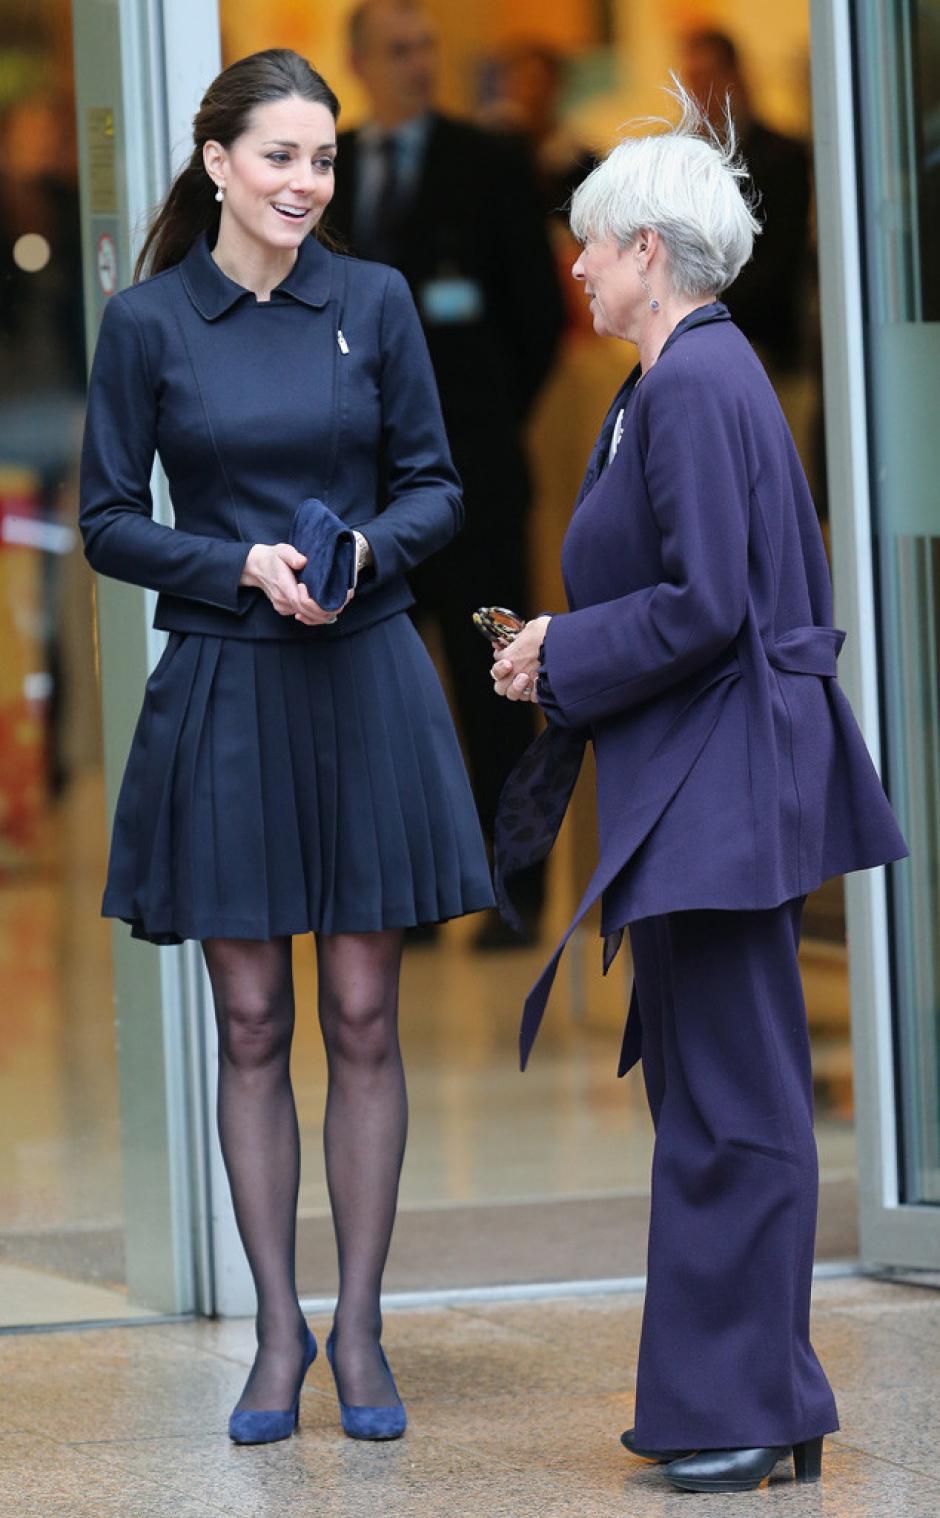 Kate siempre ha impuesto su estilo, aún en eventos públicos. (Foto: Laboratorio de Estilo ABC)